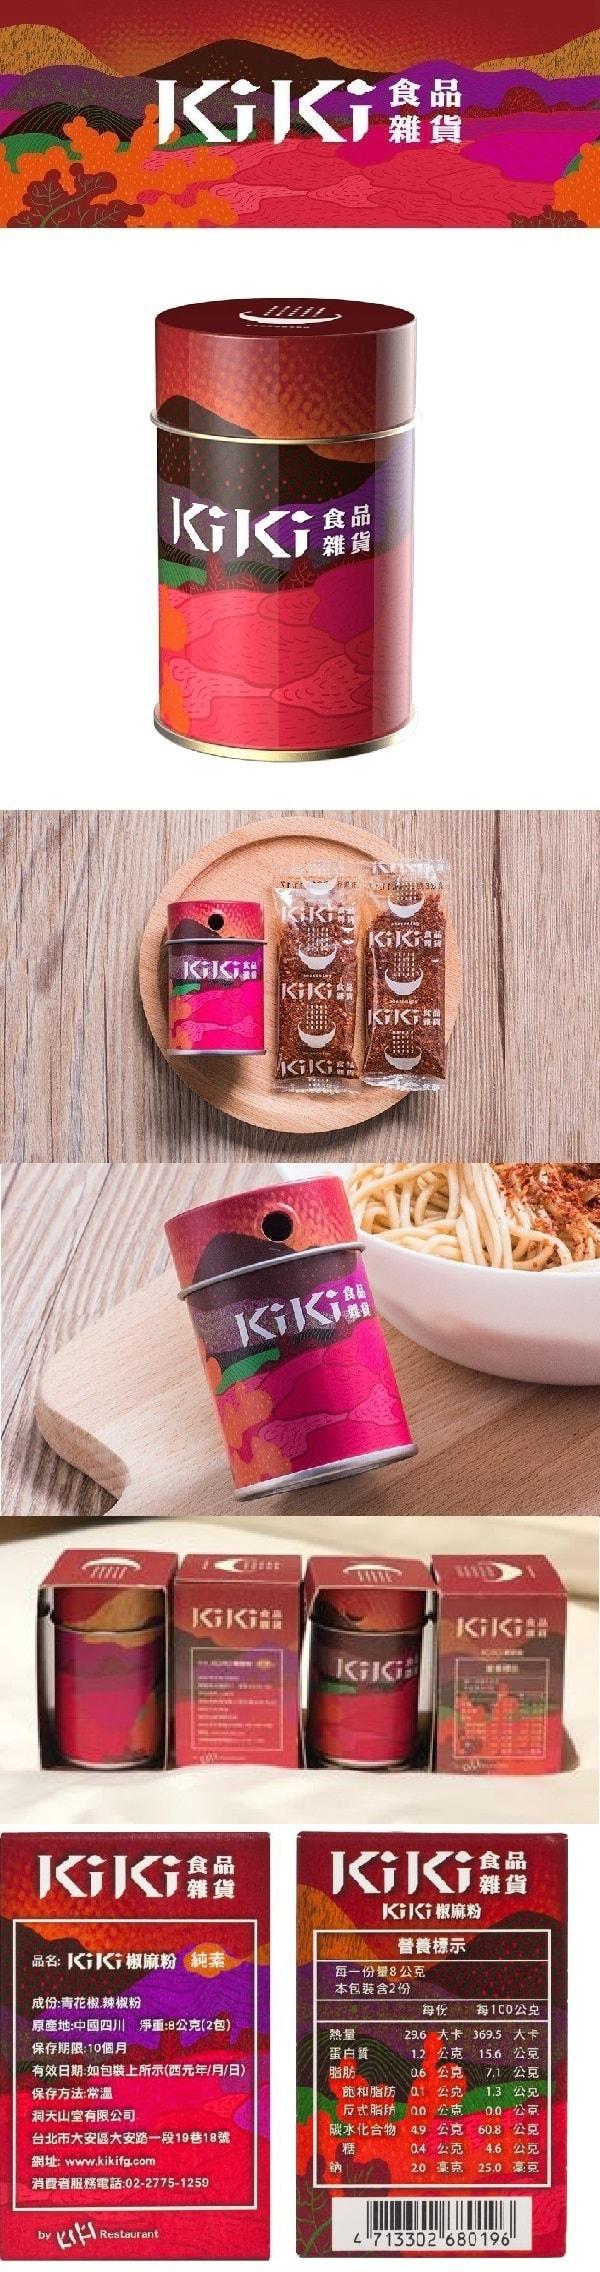 [台湾直邮] KIKI食品杂货 椒麻粉 8g/2包